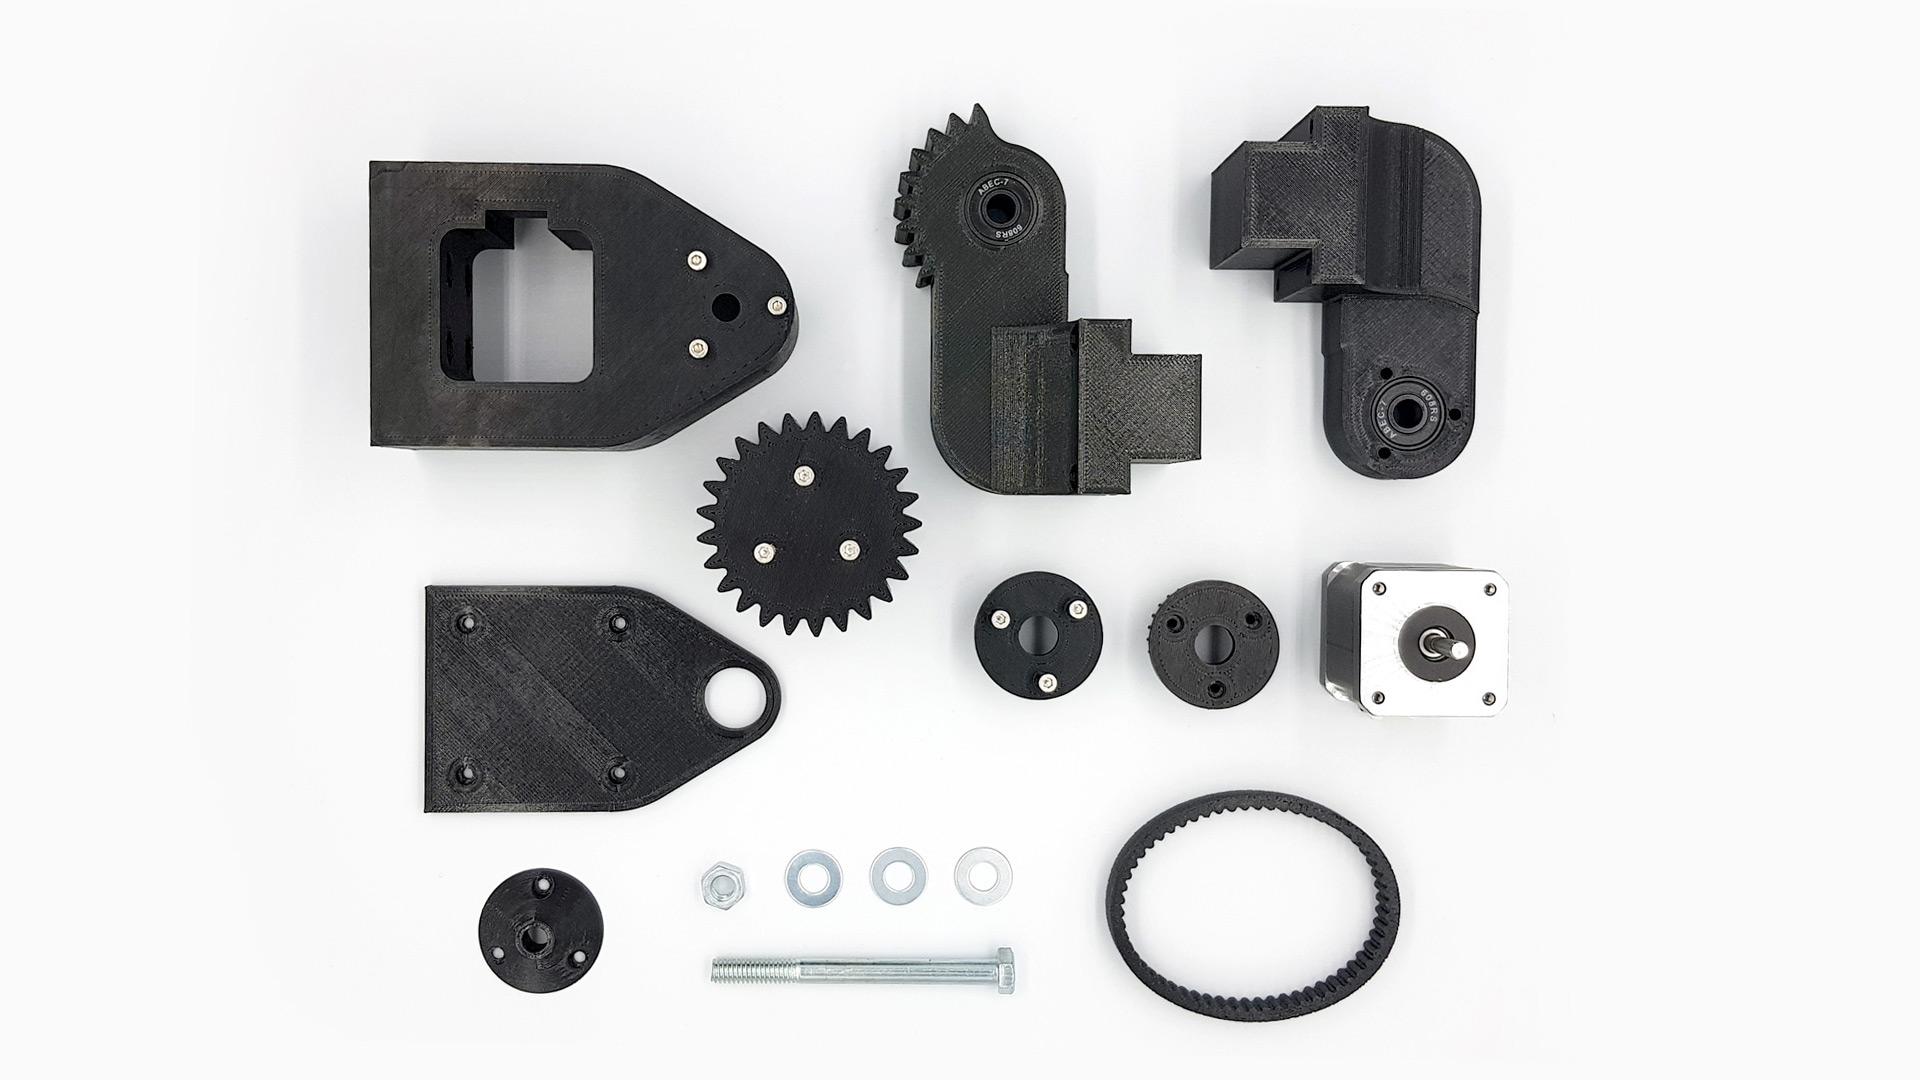 Despiece Transmisión - Prototipado Rápido PLA + Correa Impresión Flex